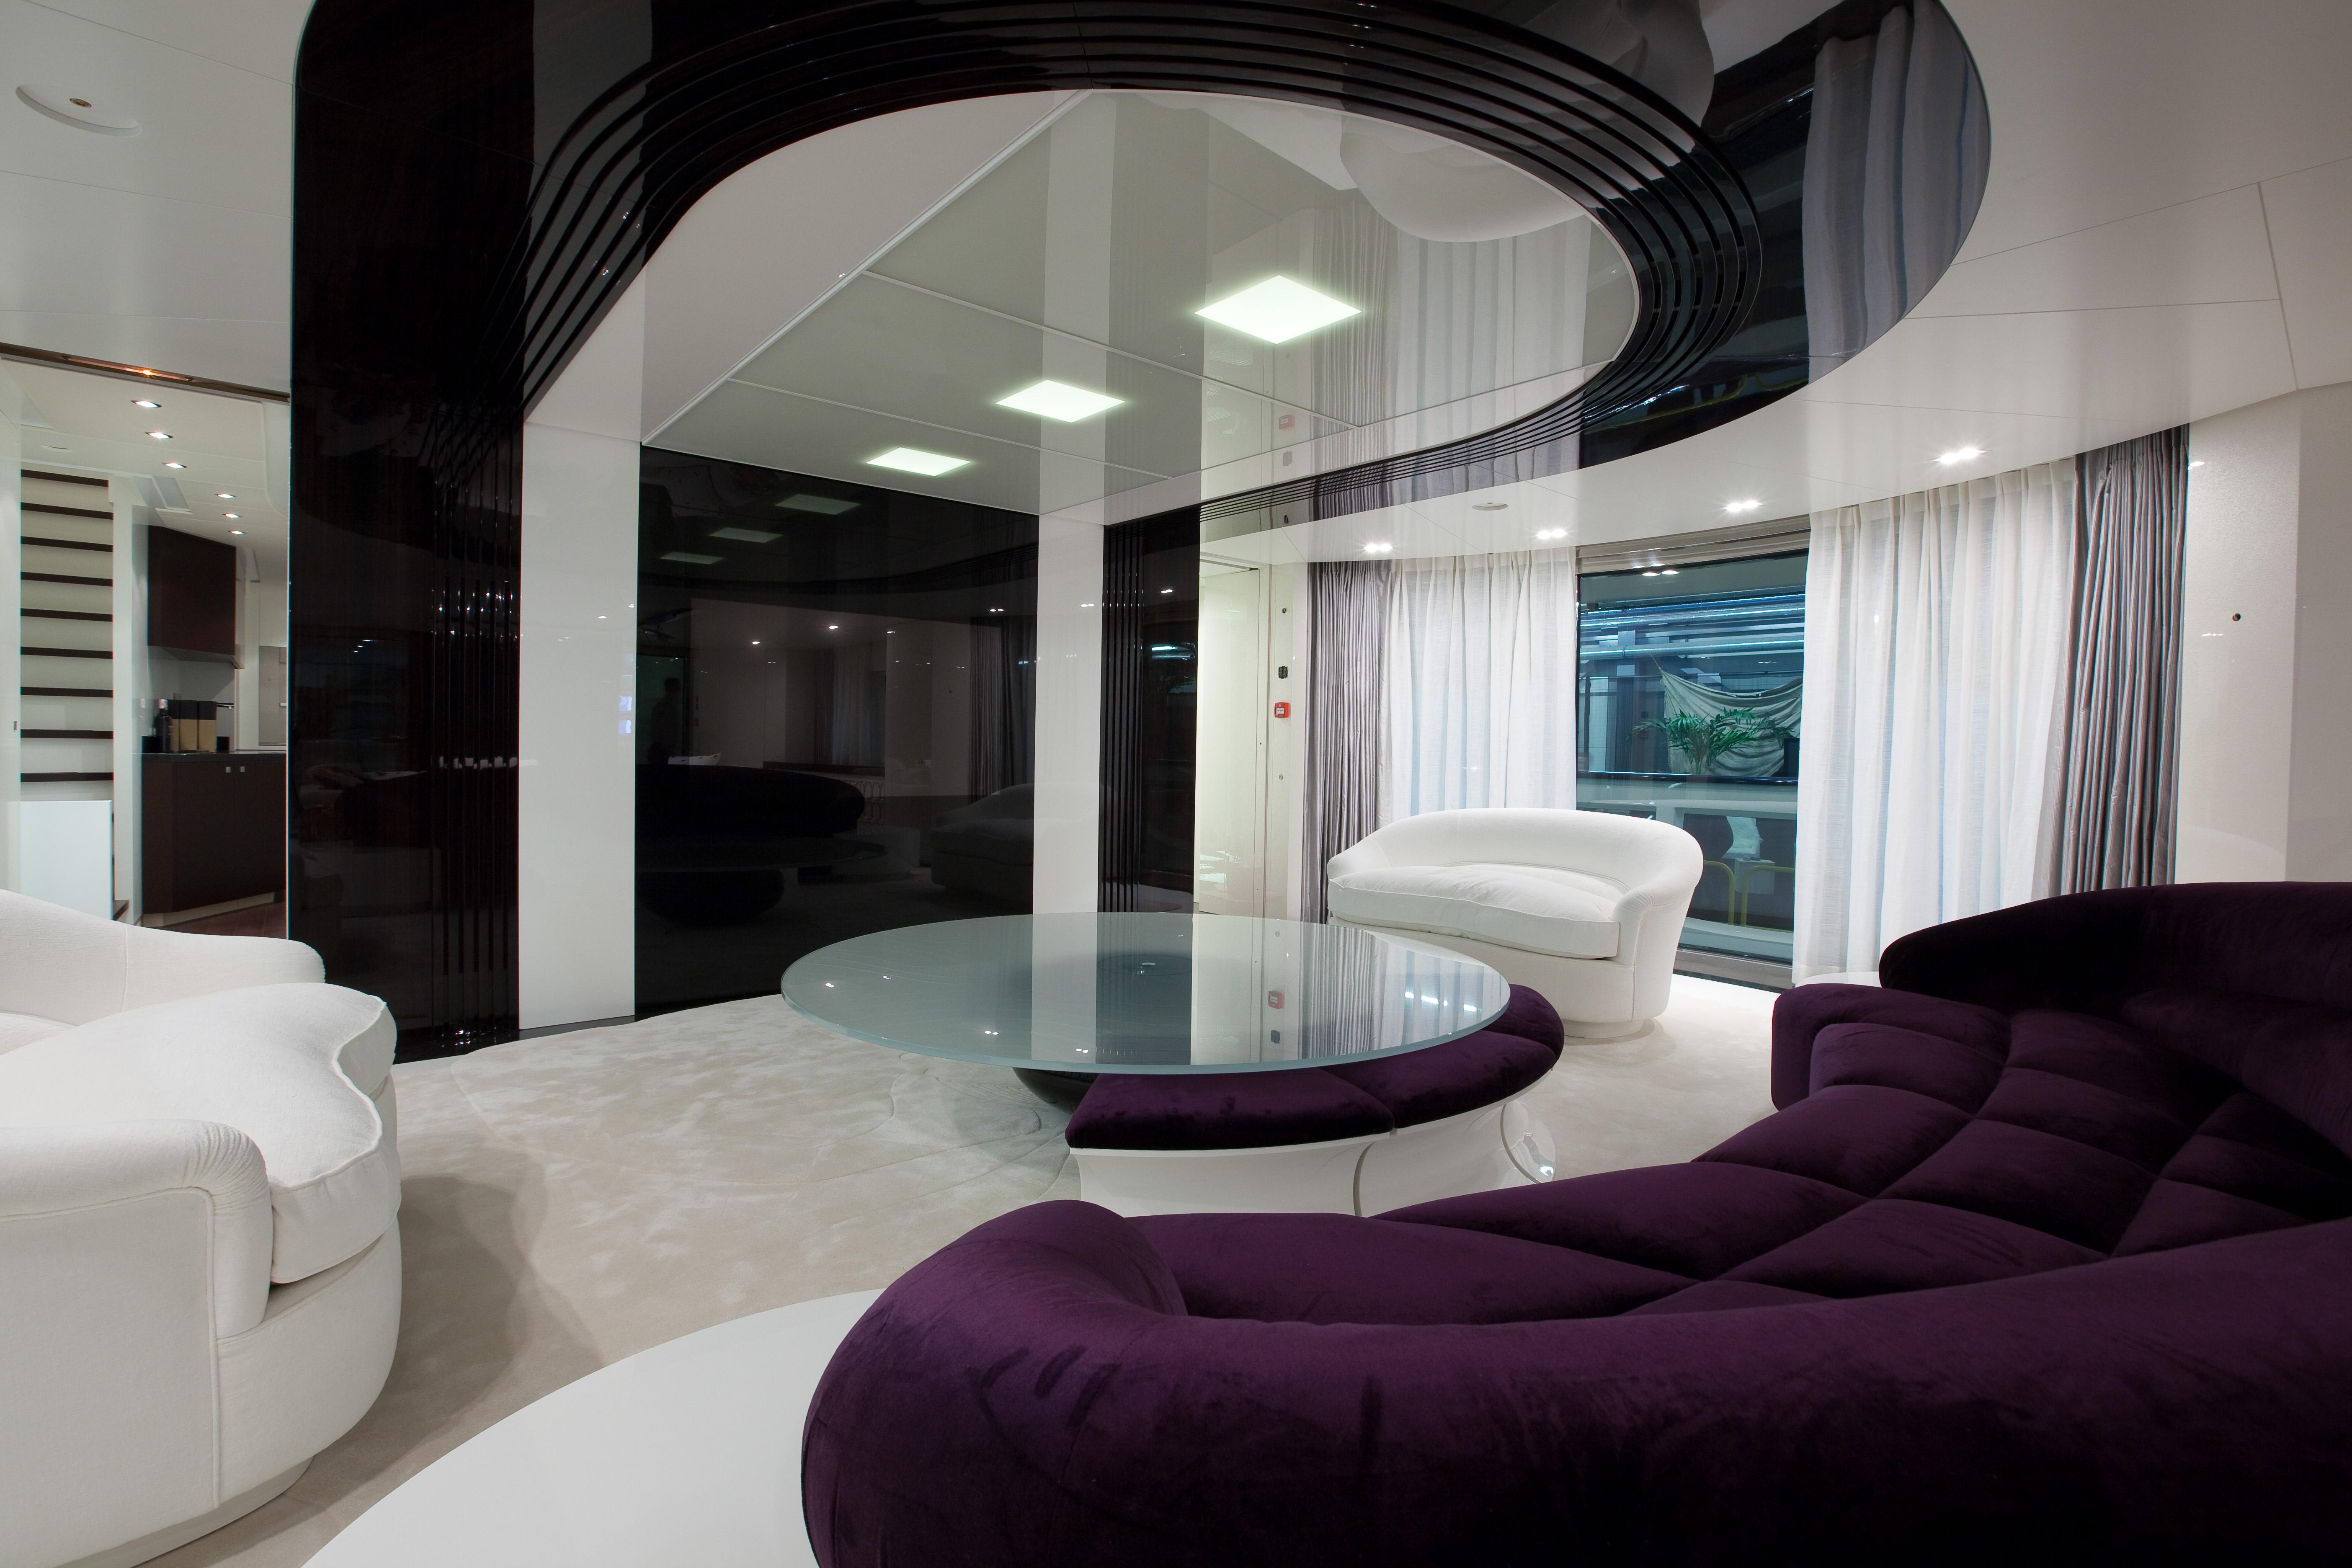 Superyacht Quinta Essentia Main Salon credit to